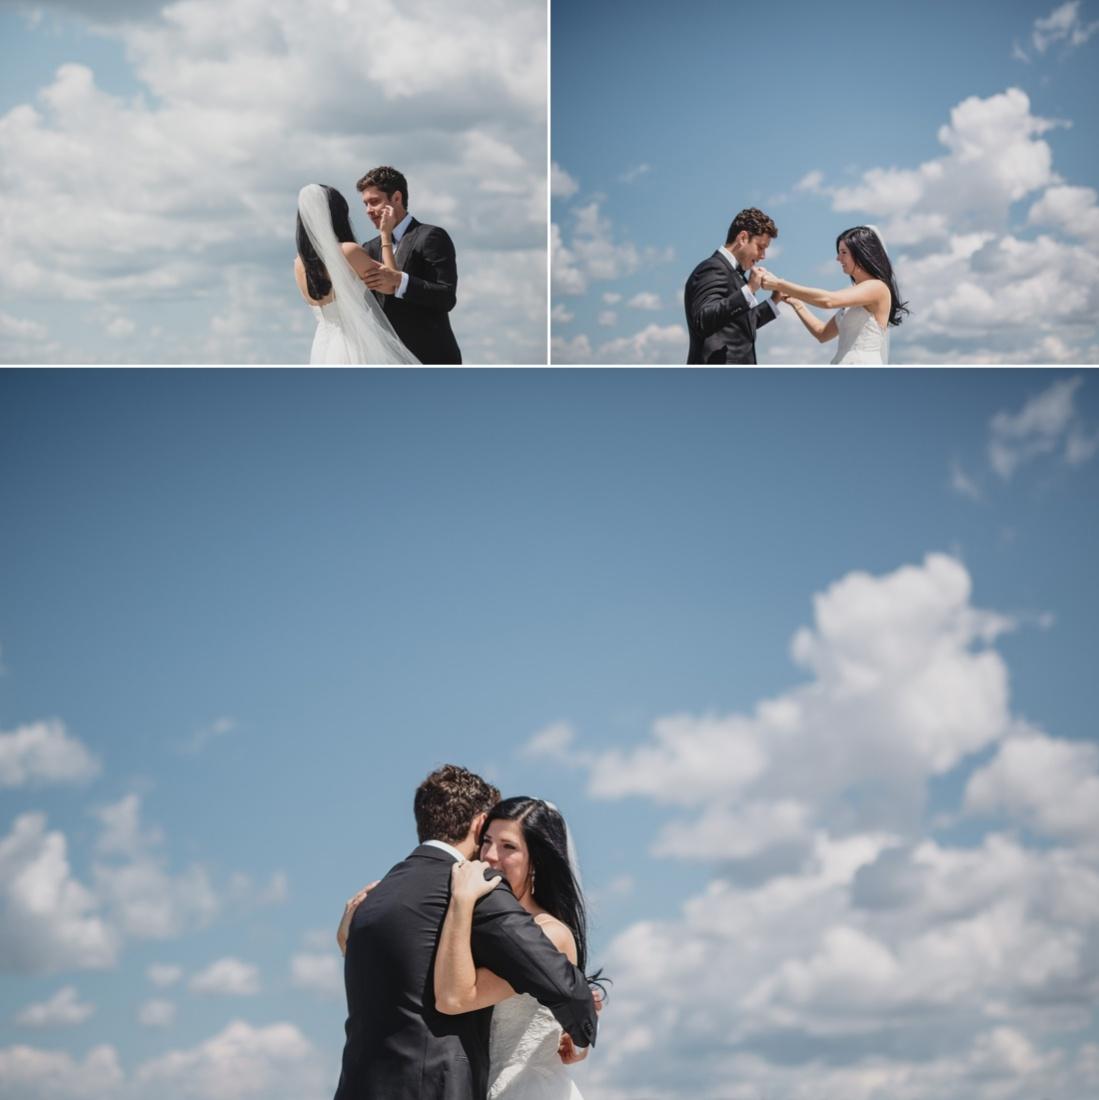 06_Aria_minneapolis_Wedding_photos-1099x1100.jpg